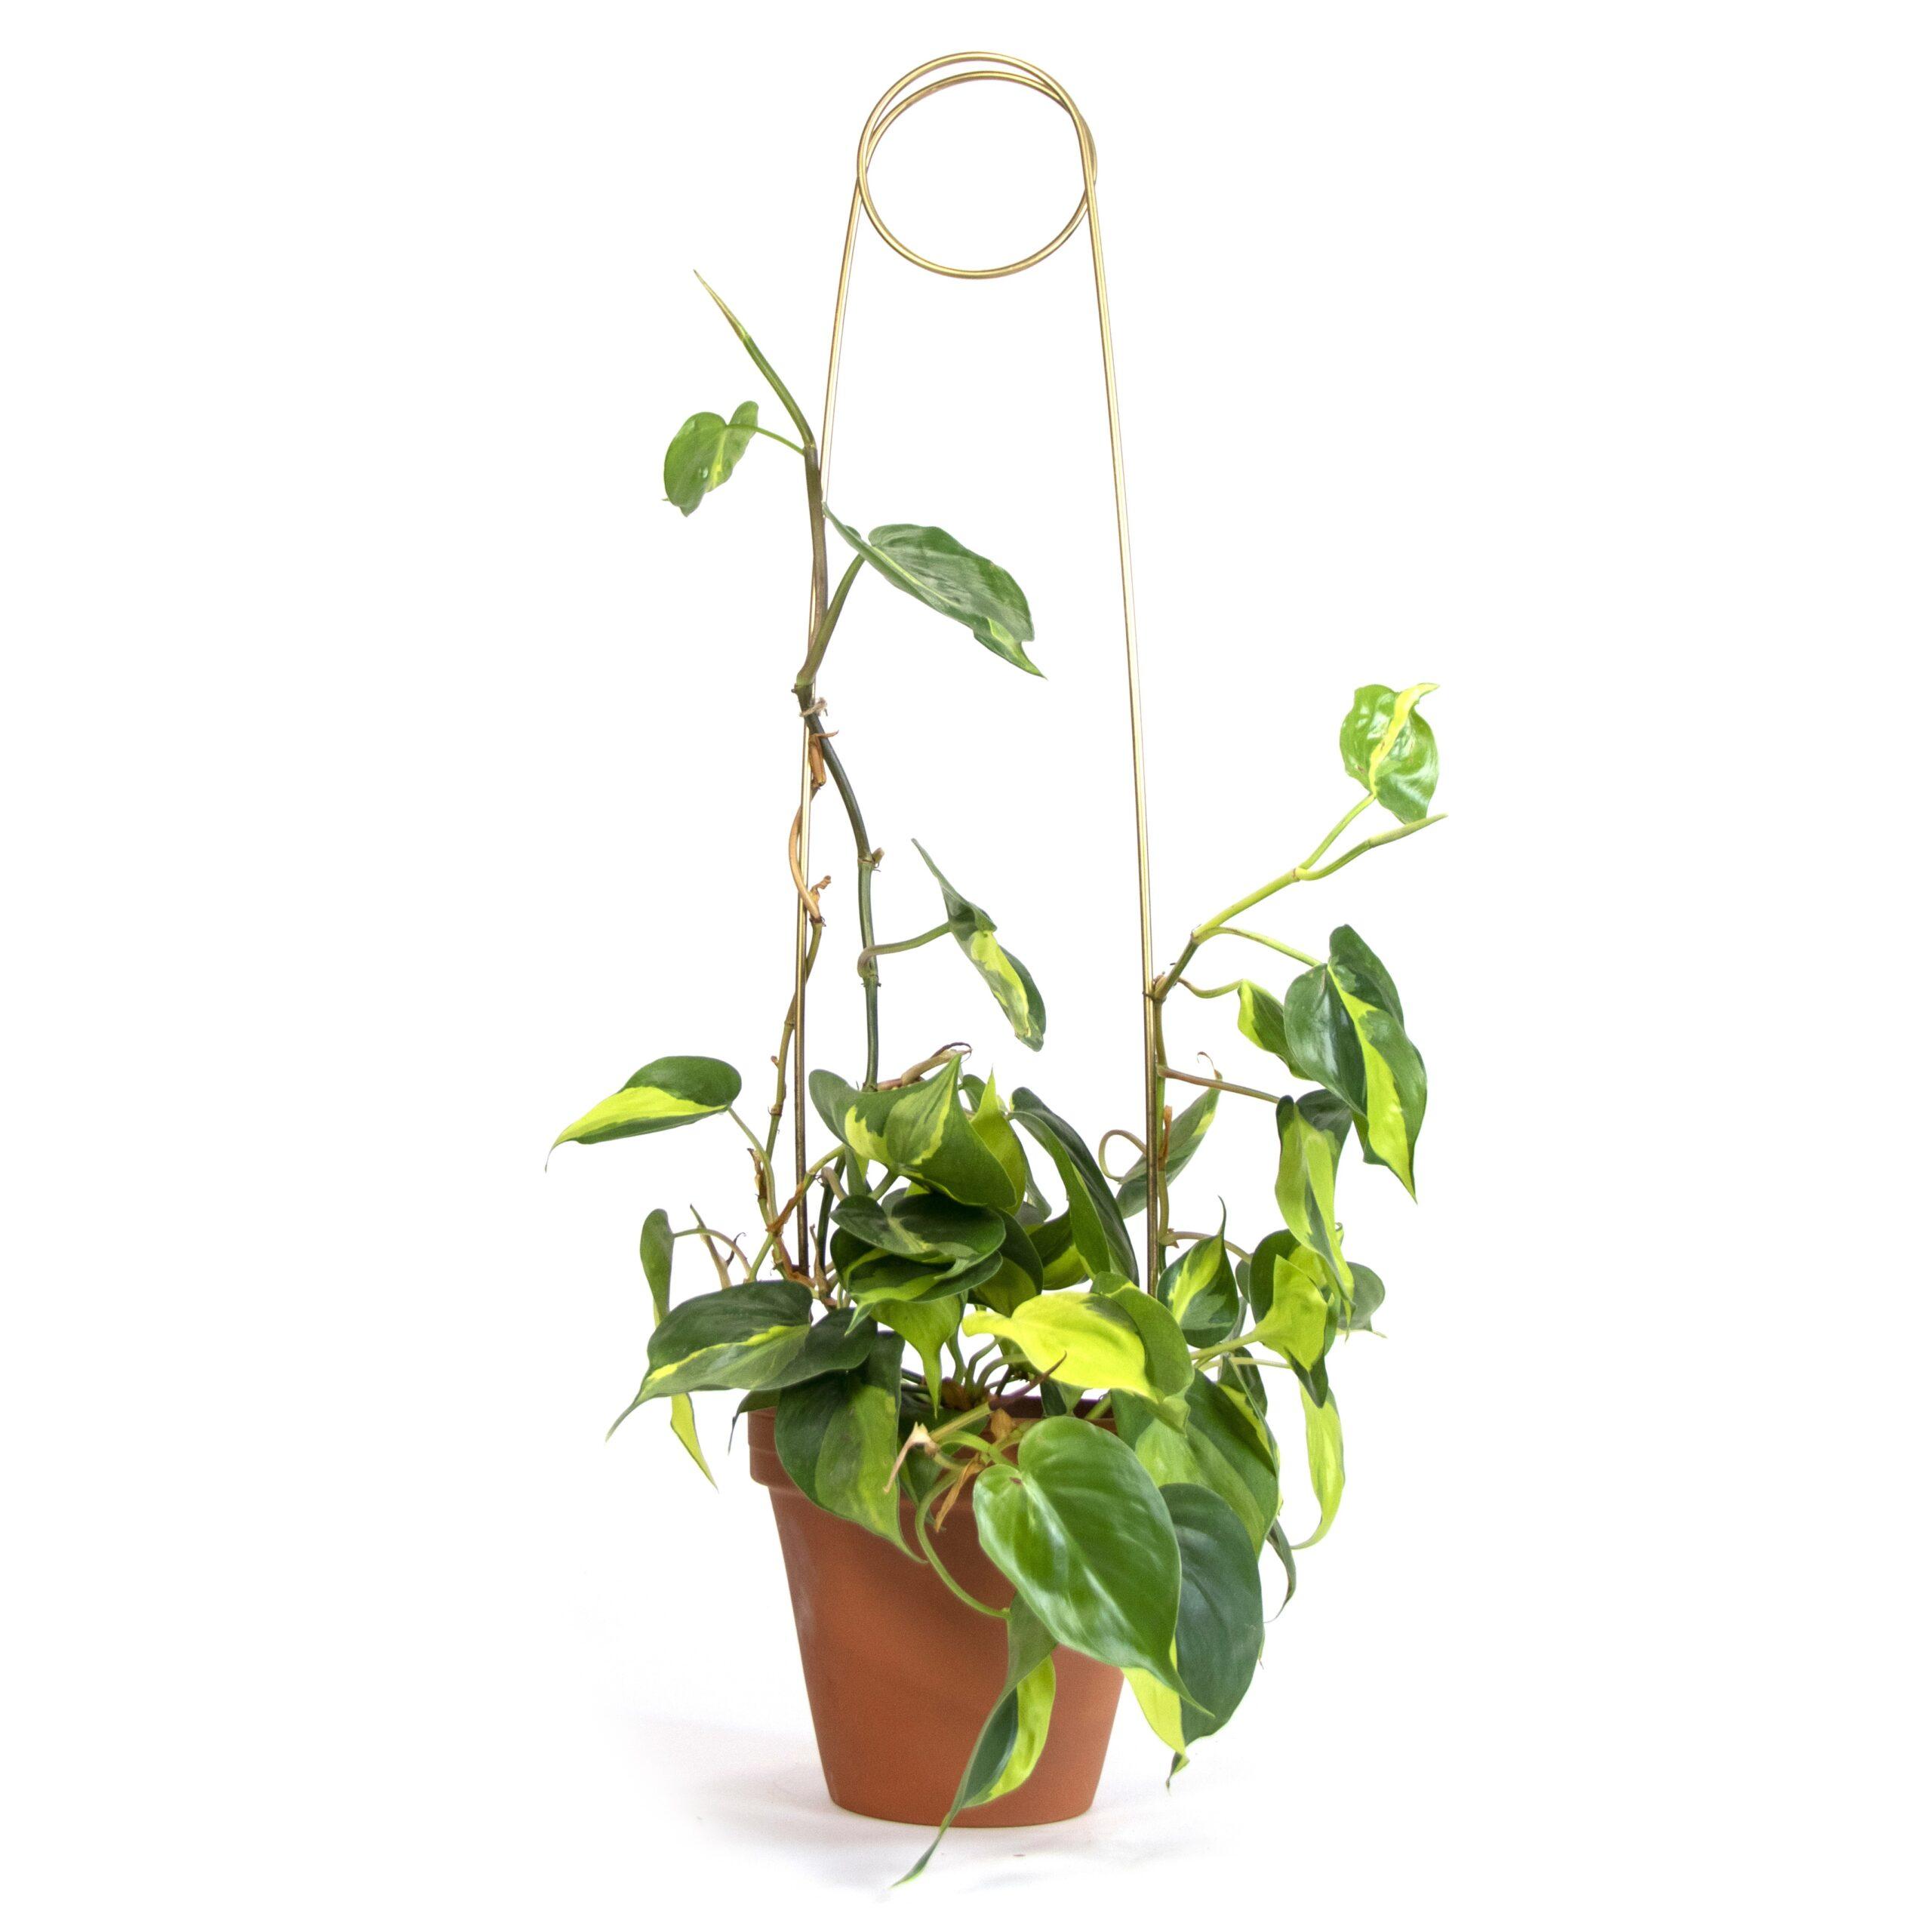 Botanopia Golden Plant Stake